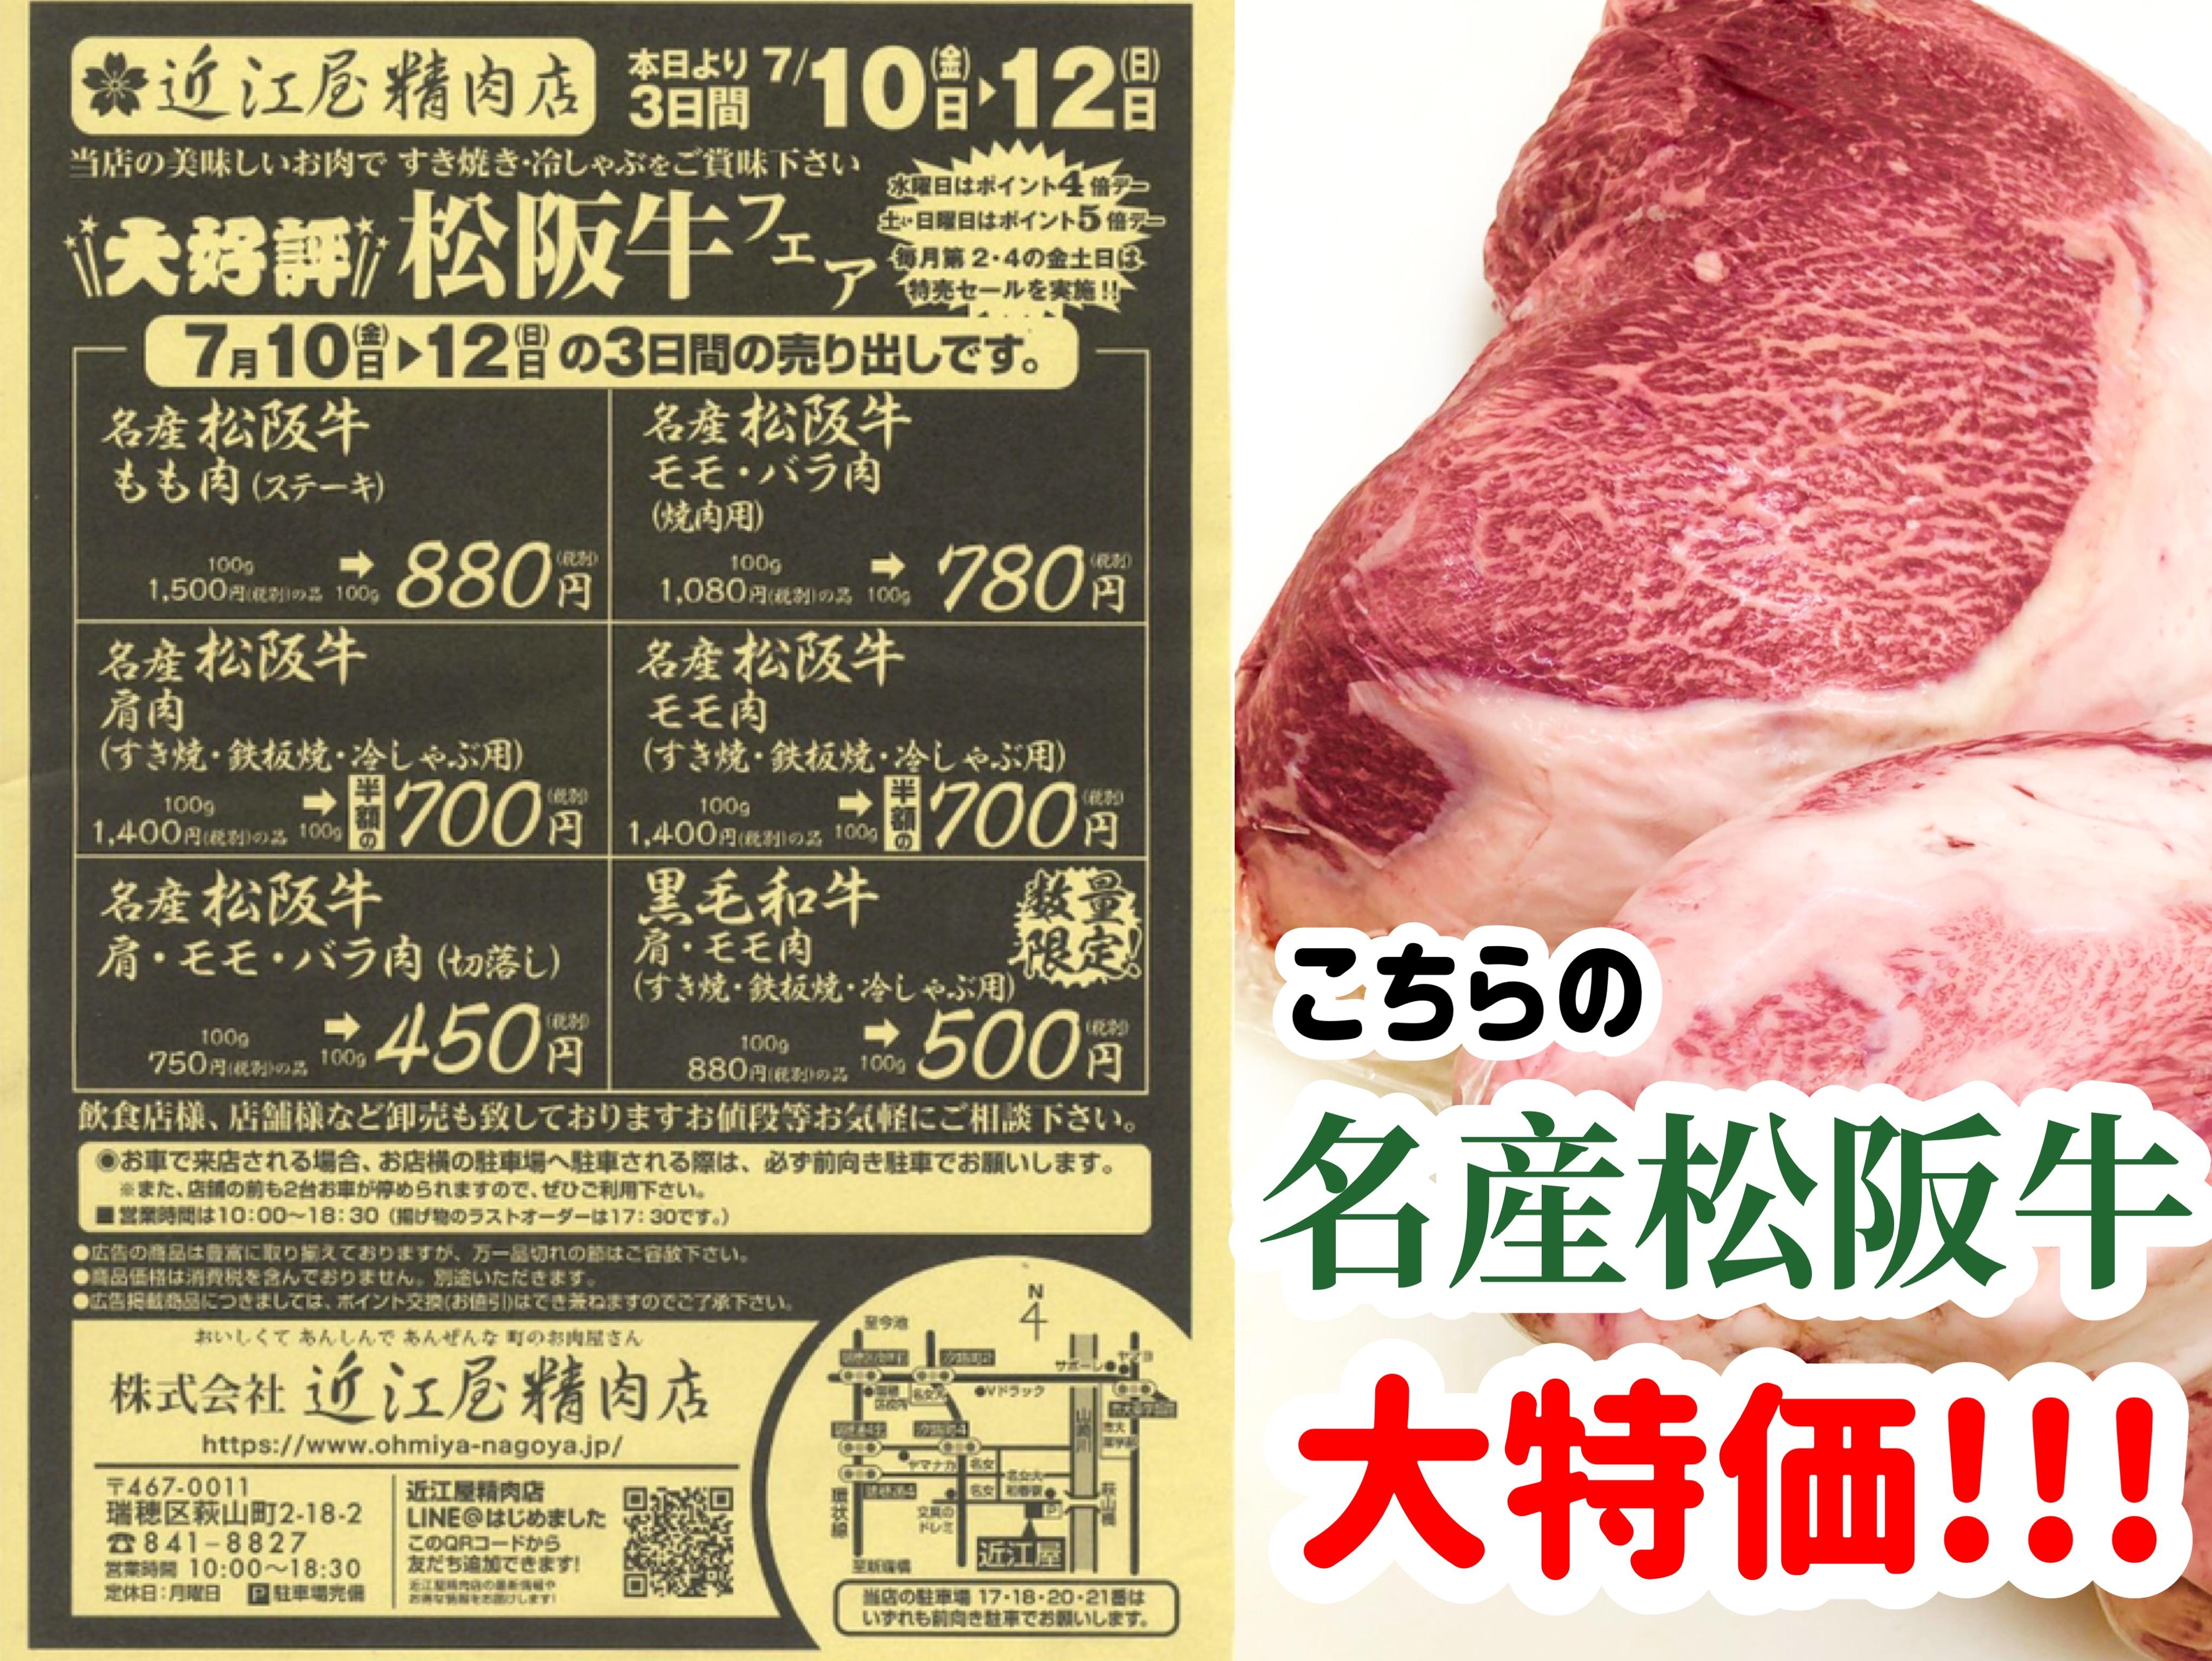 名産松阪牛をあなたは食べたことがありますか!?